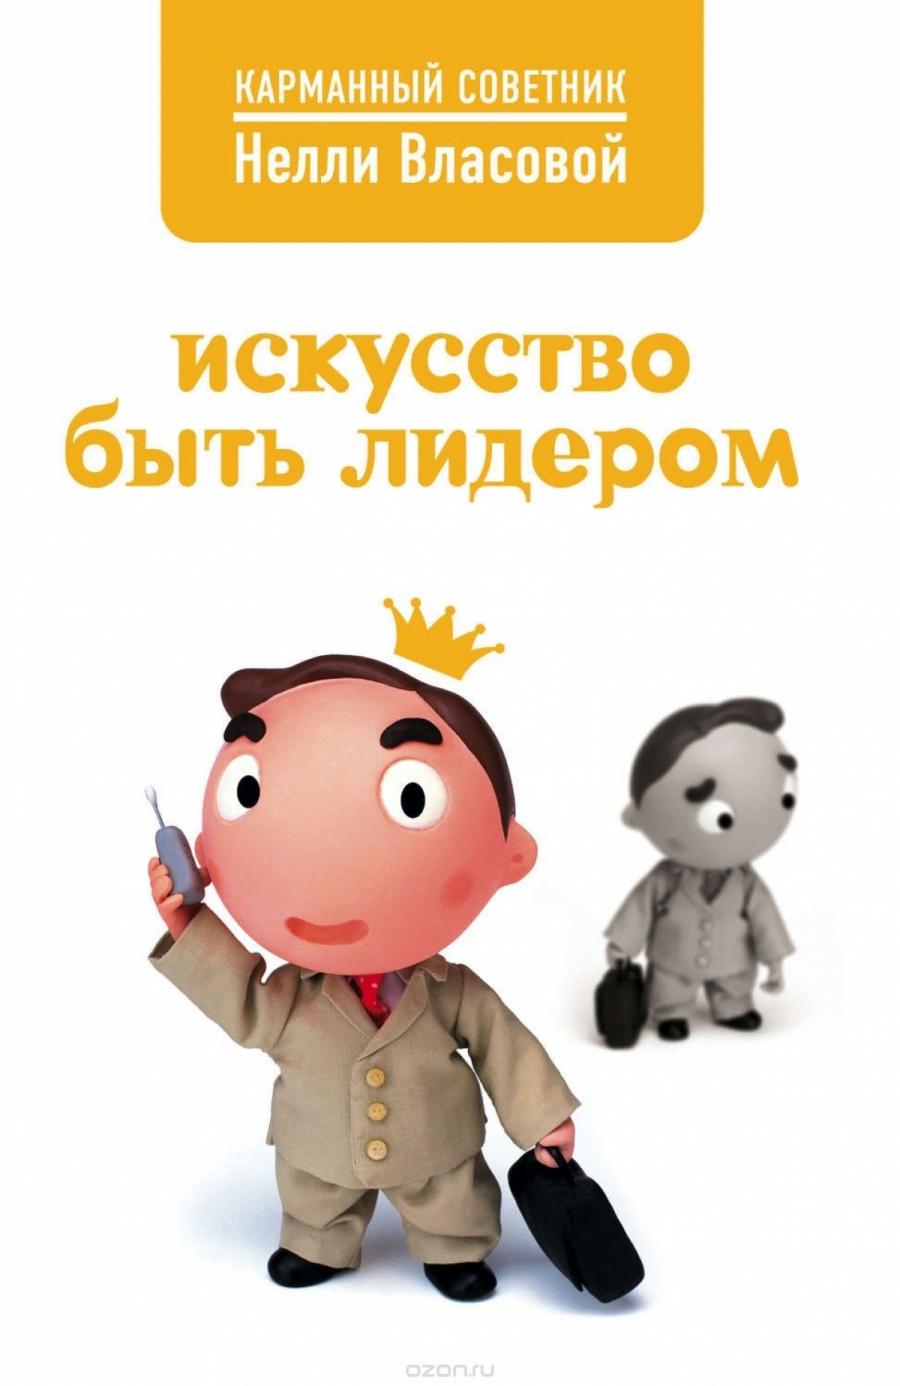 Обложка книги:  карманный советник - власова н. м. - искусство быть лидером.